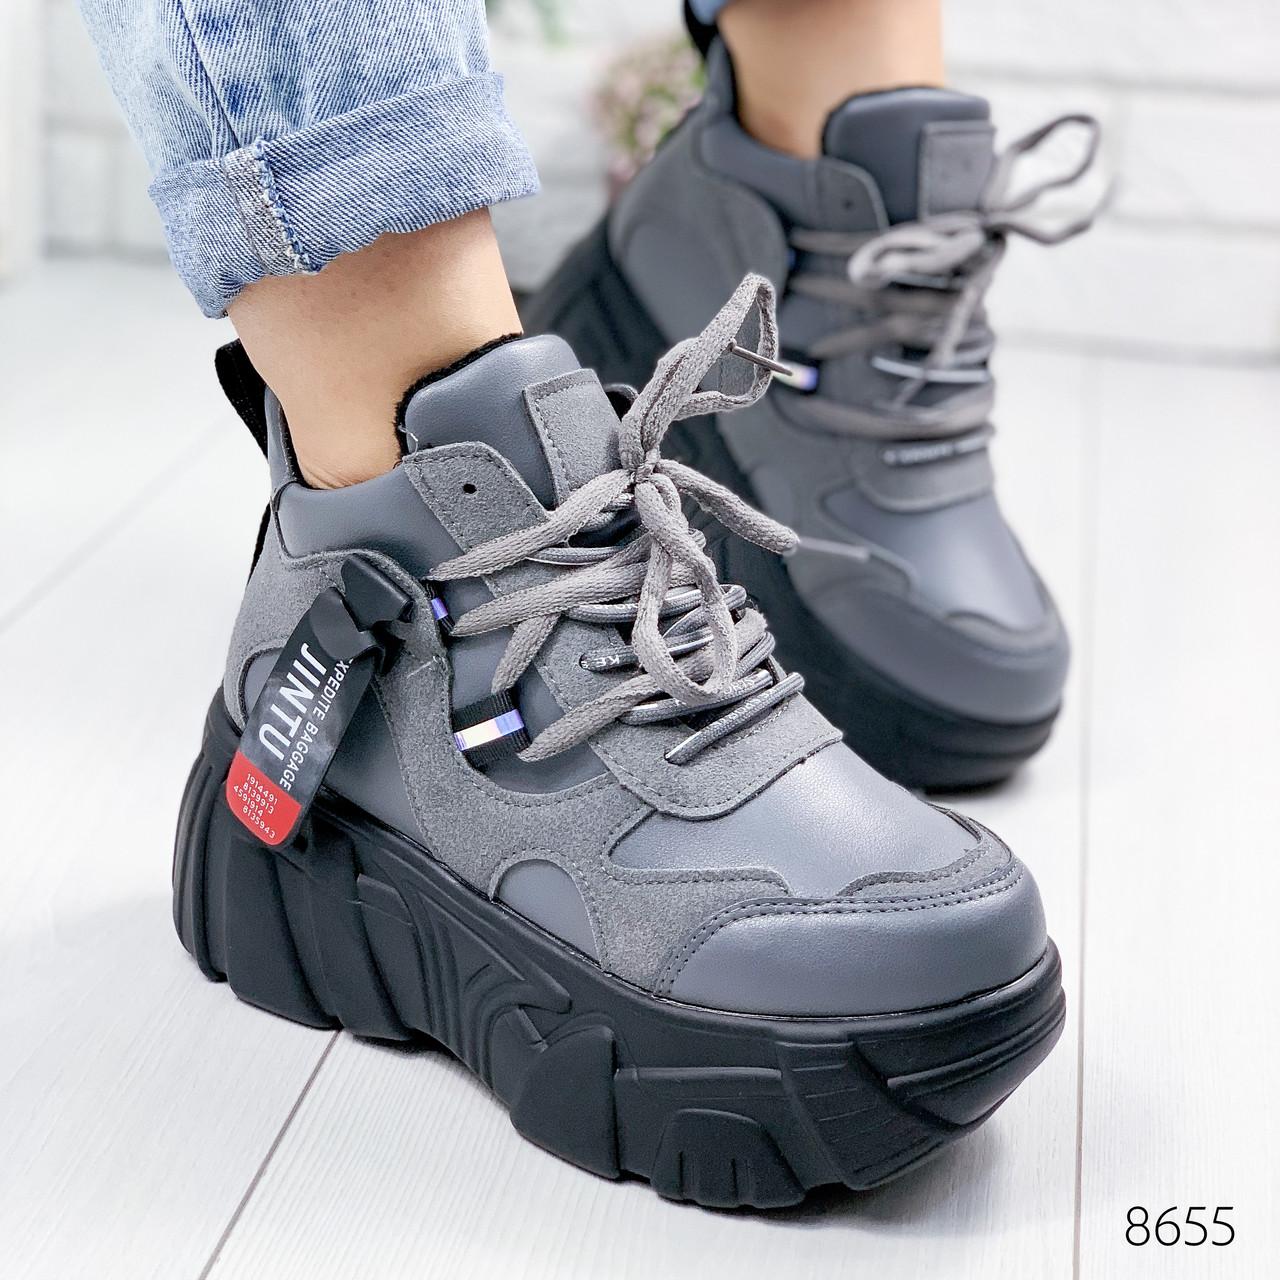 Ботинки женские Оff-line серые 8655